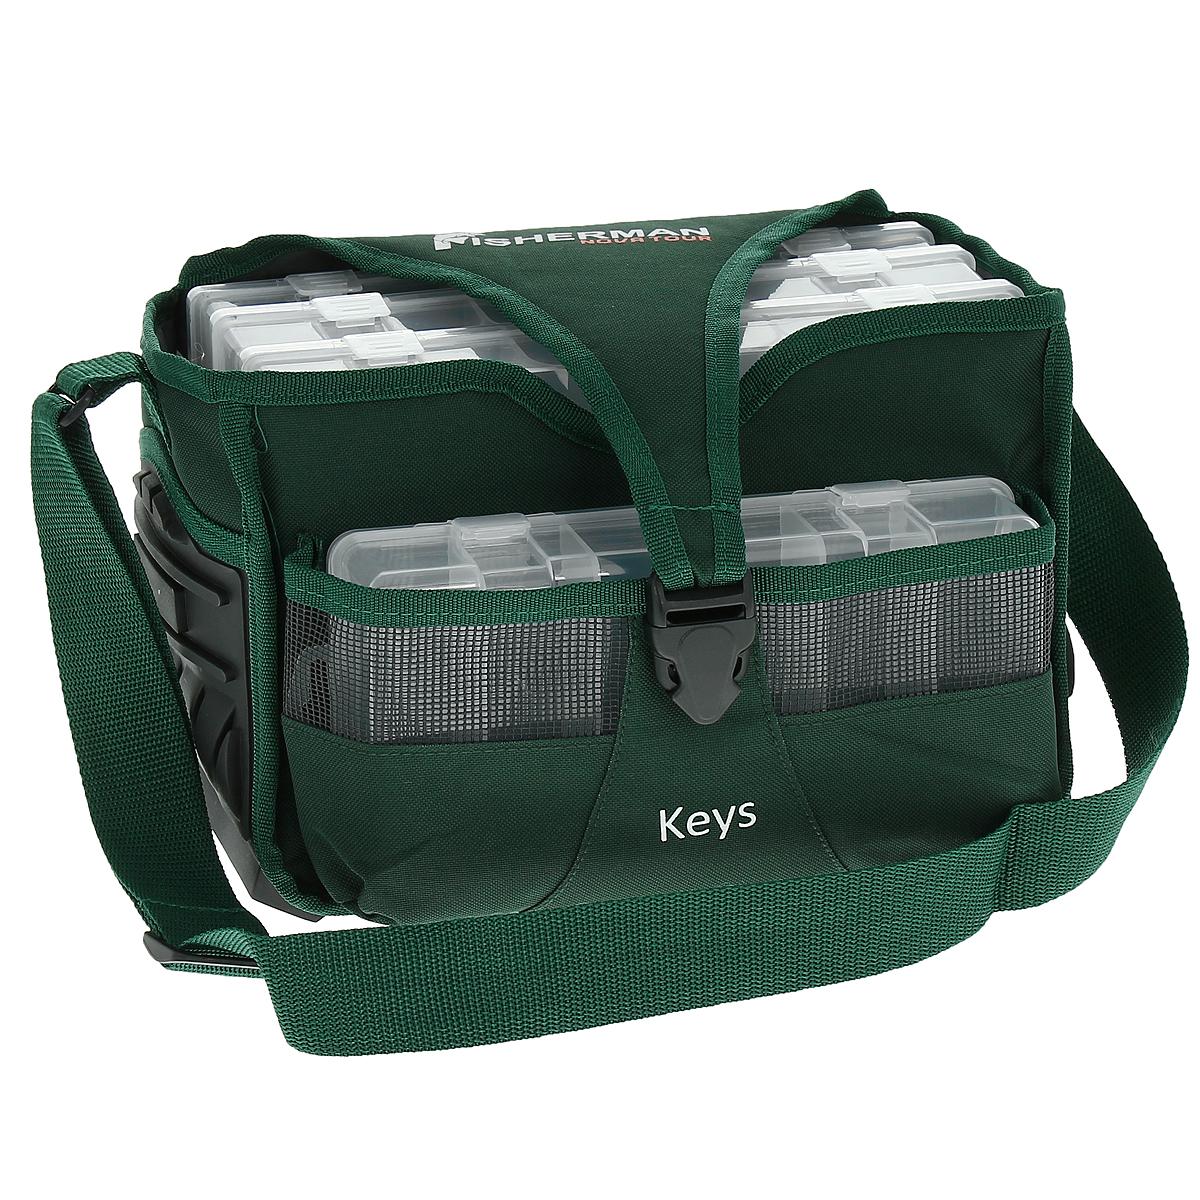 Сумка для рыбалки Fishernan Nova Tour Кейс, цвет: зеленыйPL-1RРыбацкая сумка Fishernan Nova Tour Кейс для любителей порядка. Все аккуратно сложено и упаковано, и в то же время, все под рукой. Вместительное основное отделение прямоугольной формы, сетчатый боковой карман, 4 пластиковых и усиленное дно, которое позволит оставлять сумку на земле - что еще нужно для хорошей сумки рыболова.